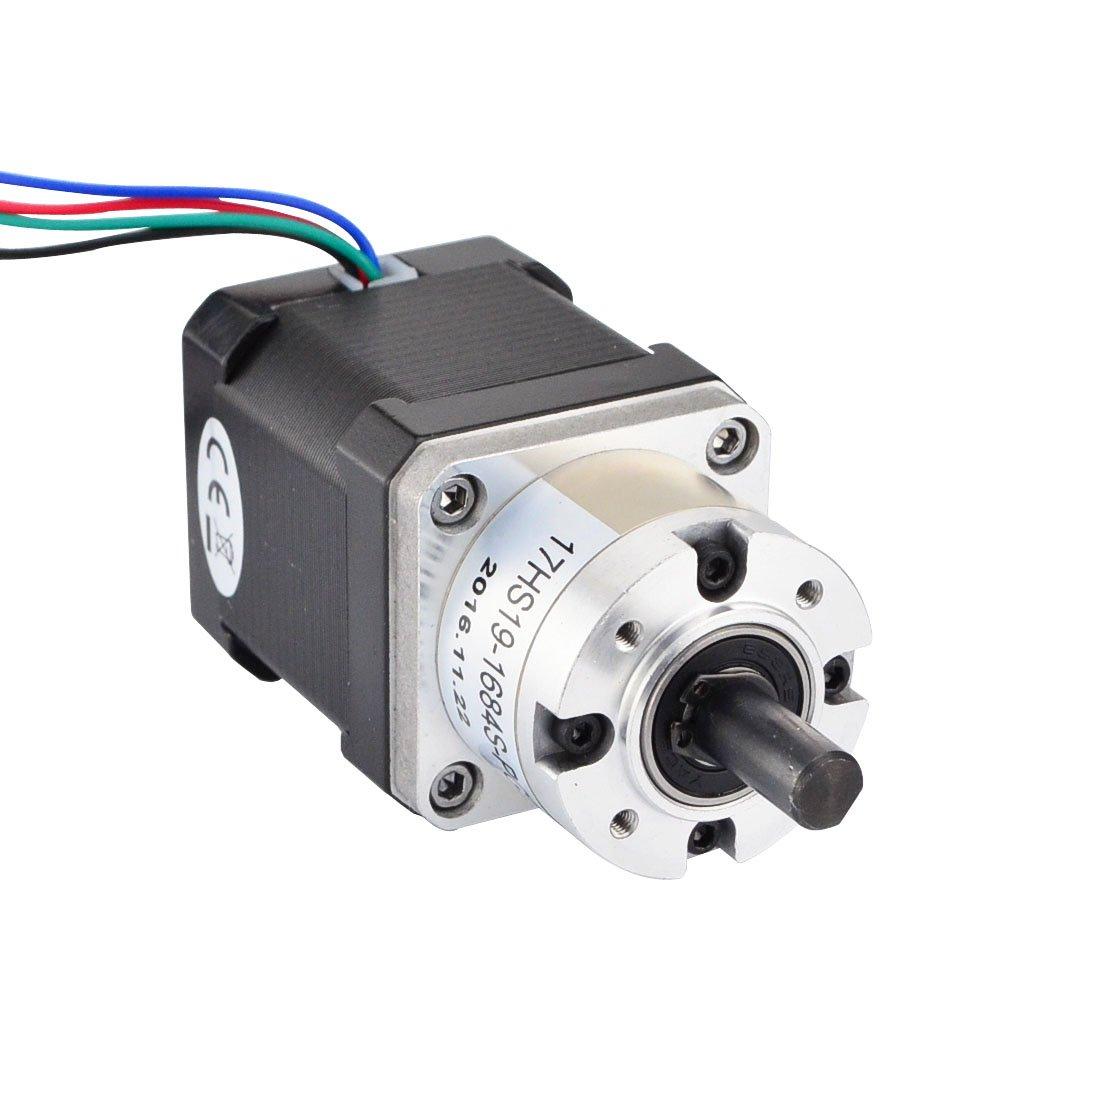 1/imprimante 3d extrudeuse Moteur DIY CNC Robotics clefs NEMA 17/Moteur pas /à pas Gear Ratio 5